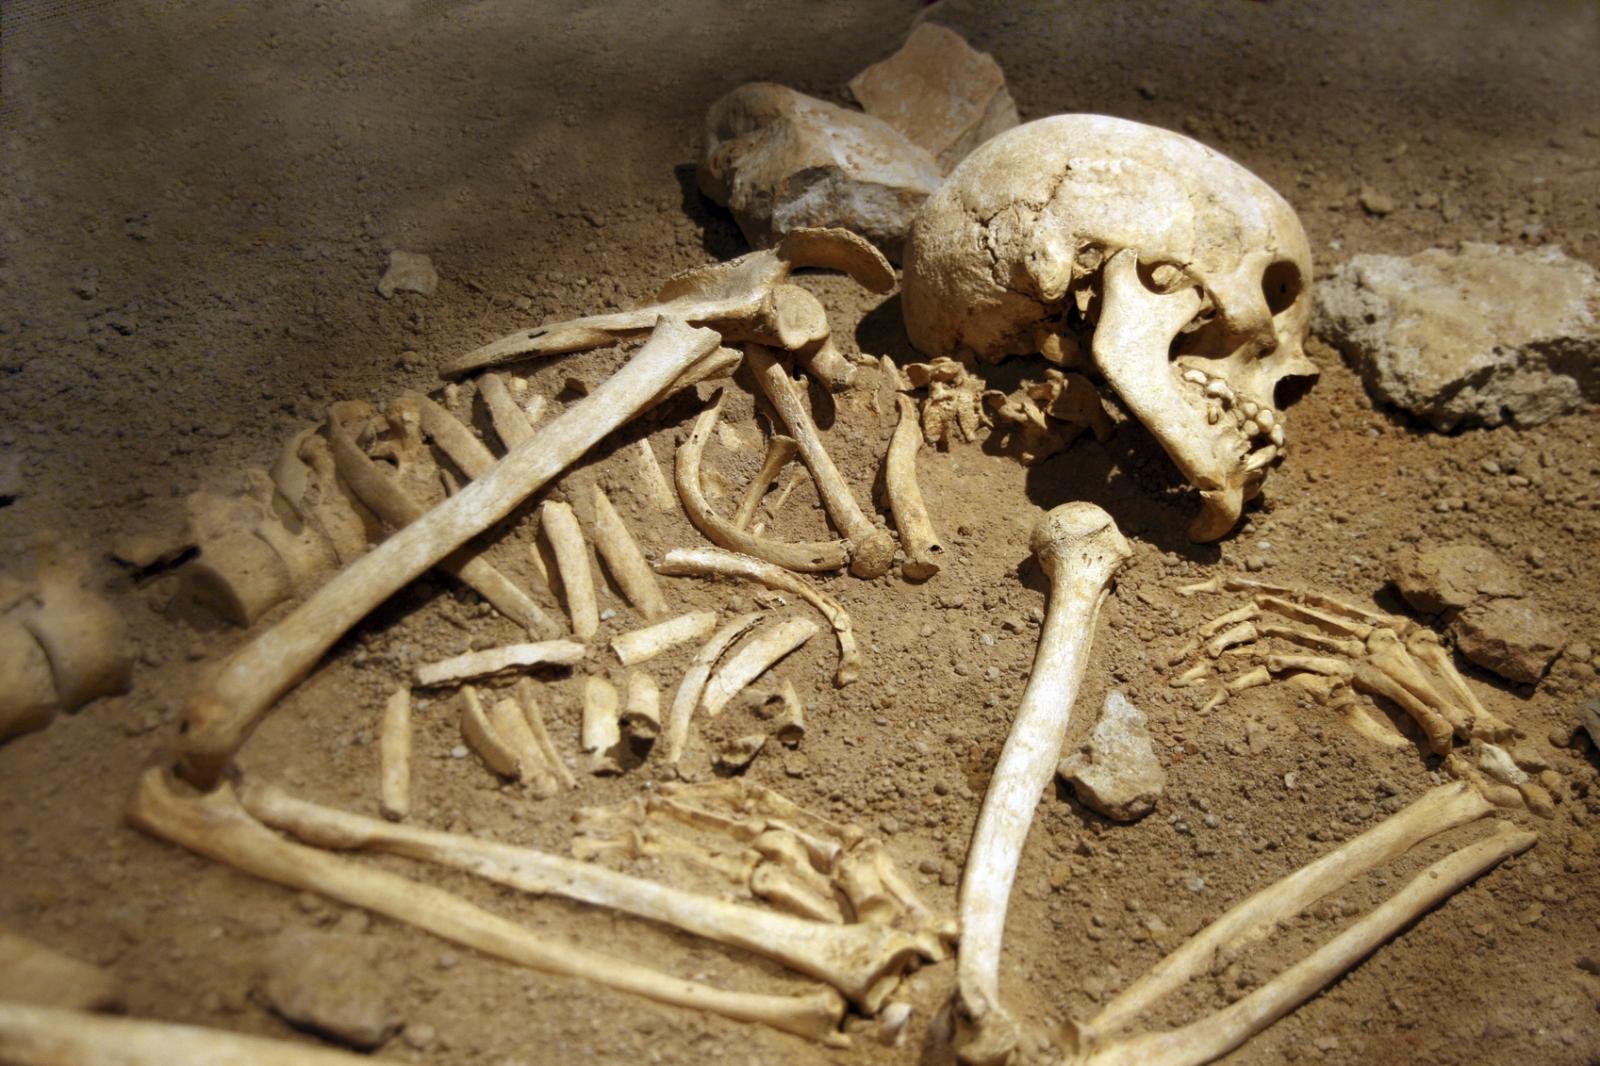 skeleton human remains